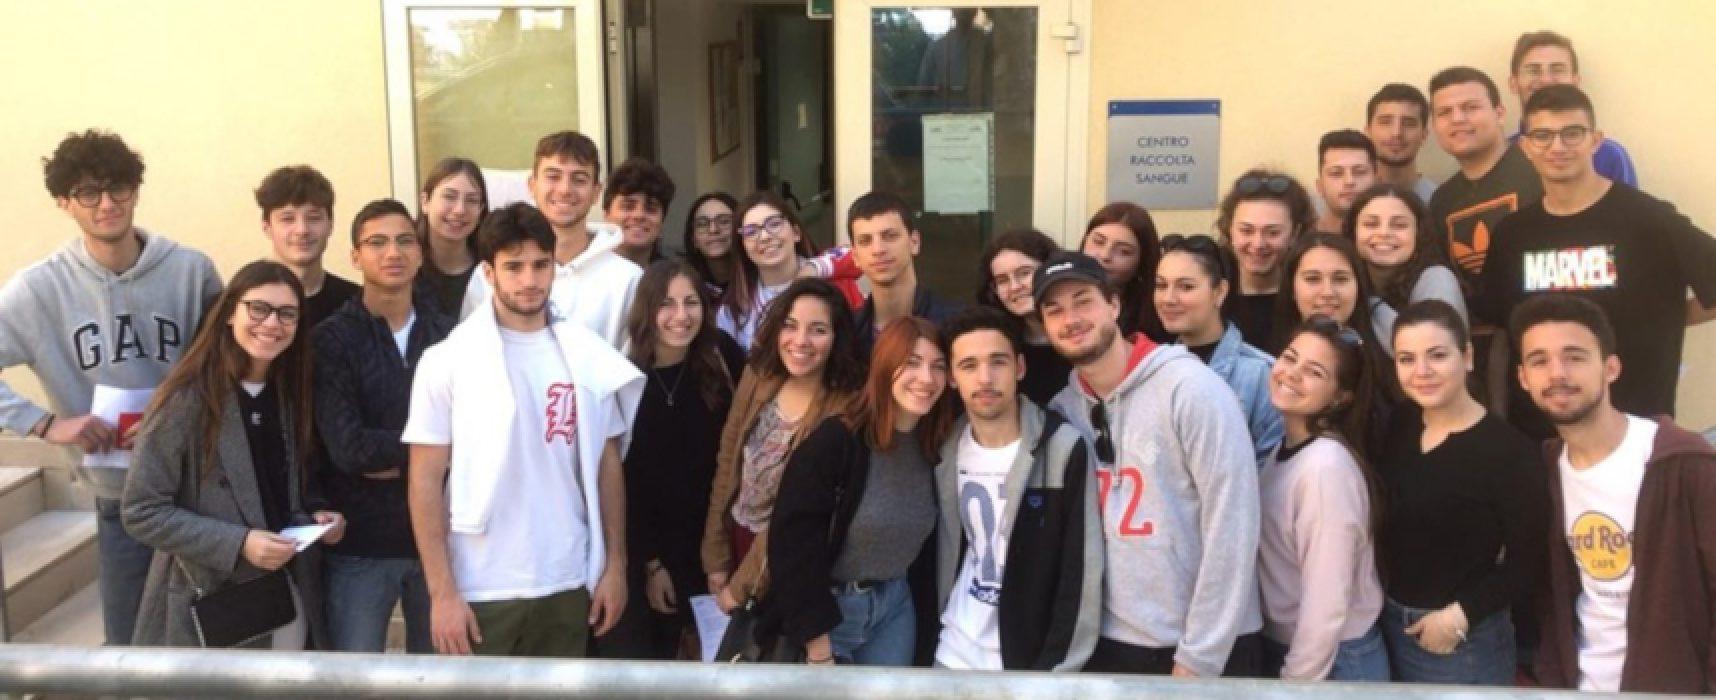 """Avis Bisceglie e Liceo """"da Vinci"""" insieme per una mattinata di raccolta sangue / FOTO"""